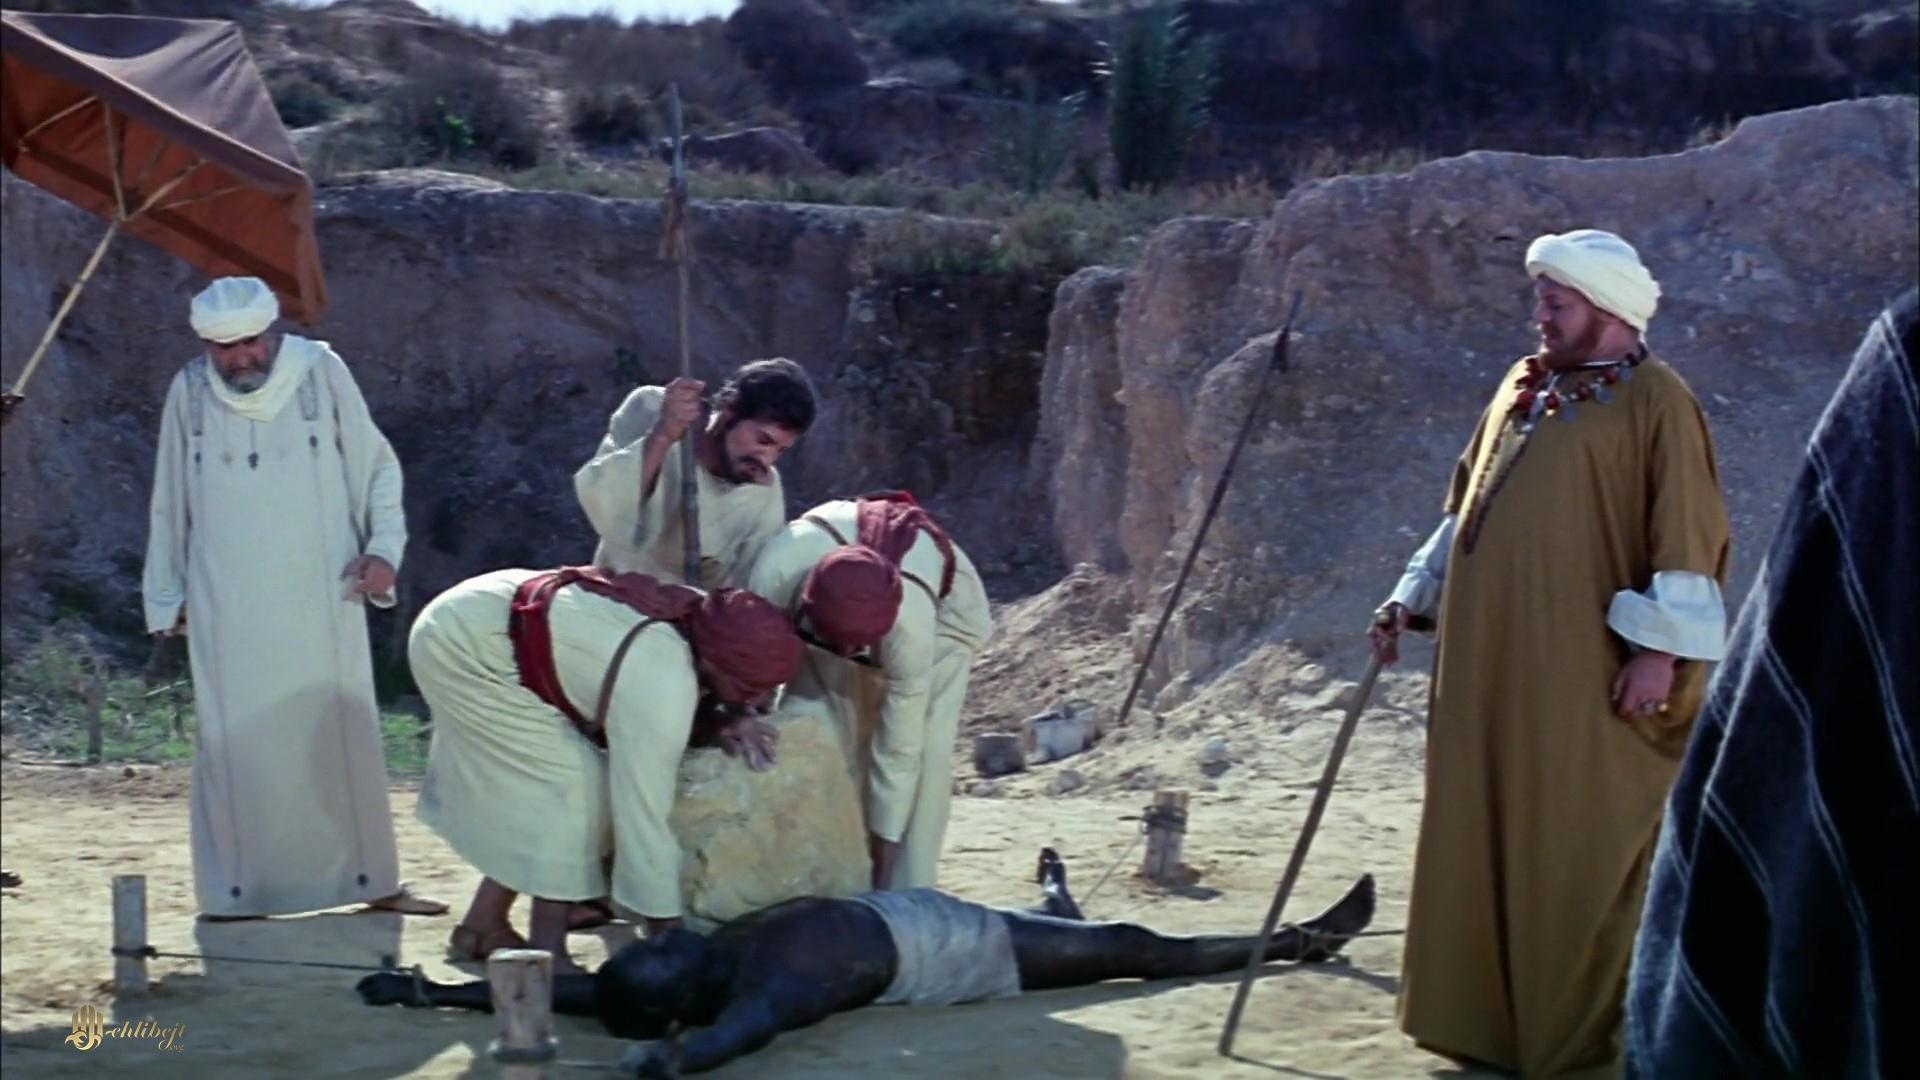 Kurejšije i mučenje vjernika